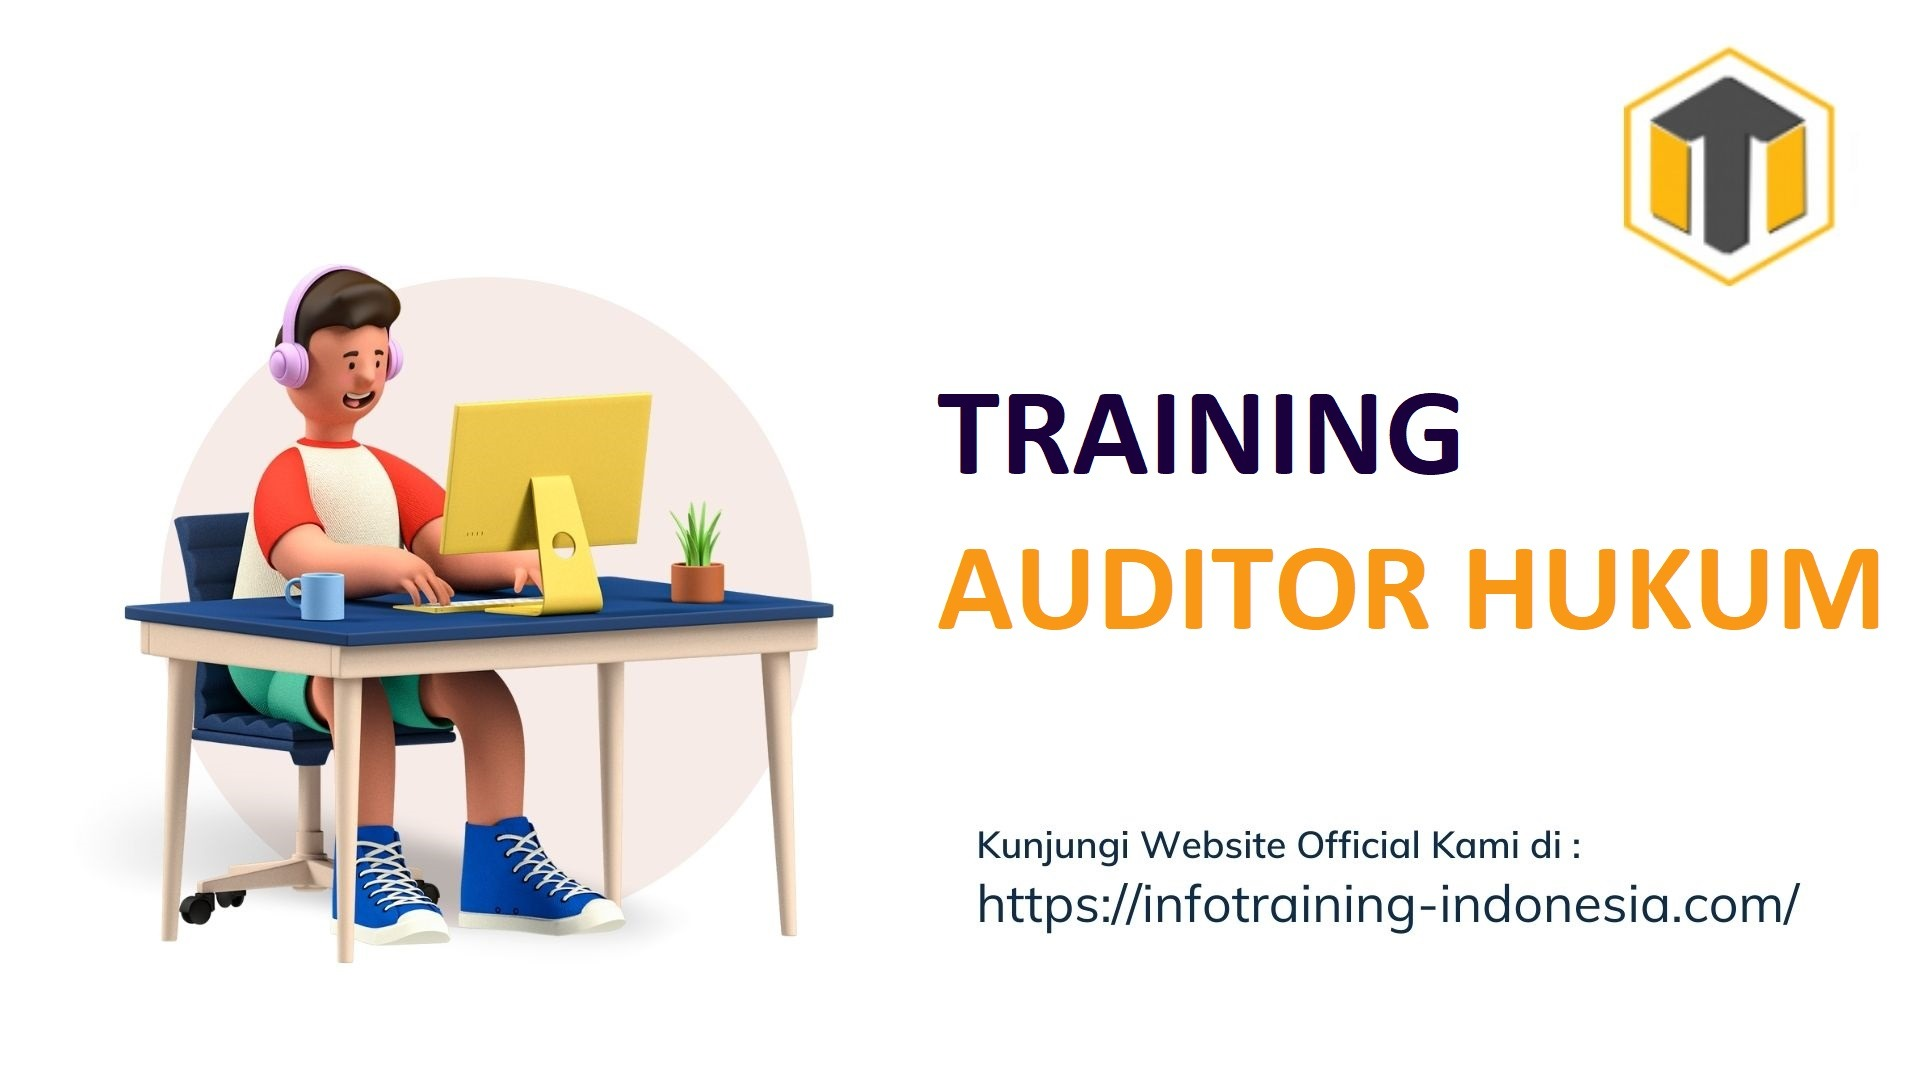 TRAINING AUDITOR HUKUM pelatihan AUDITOR HUKUM Bandung